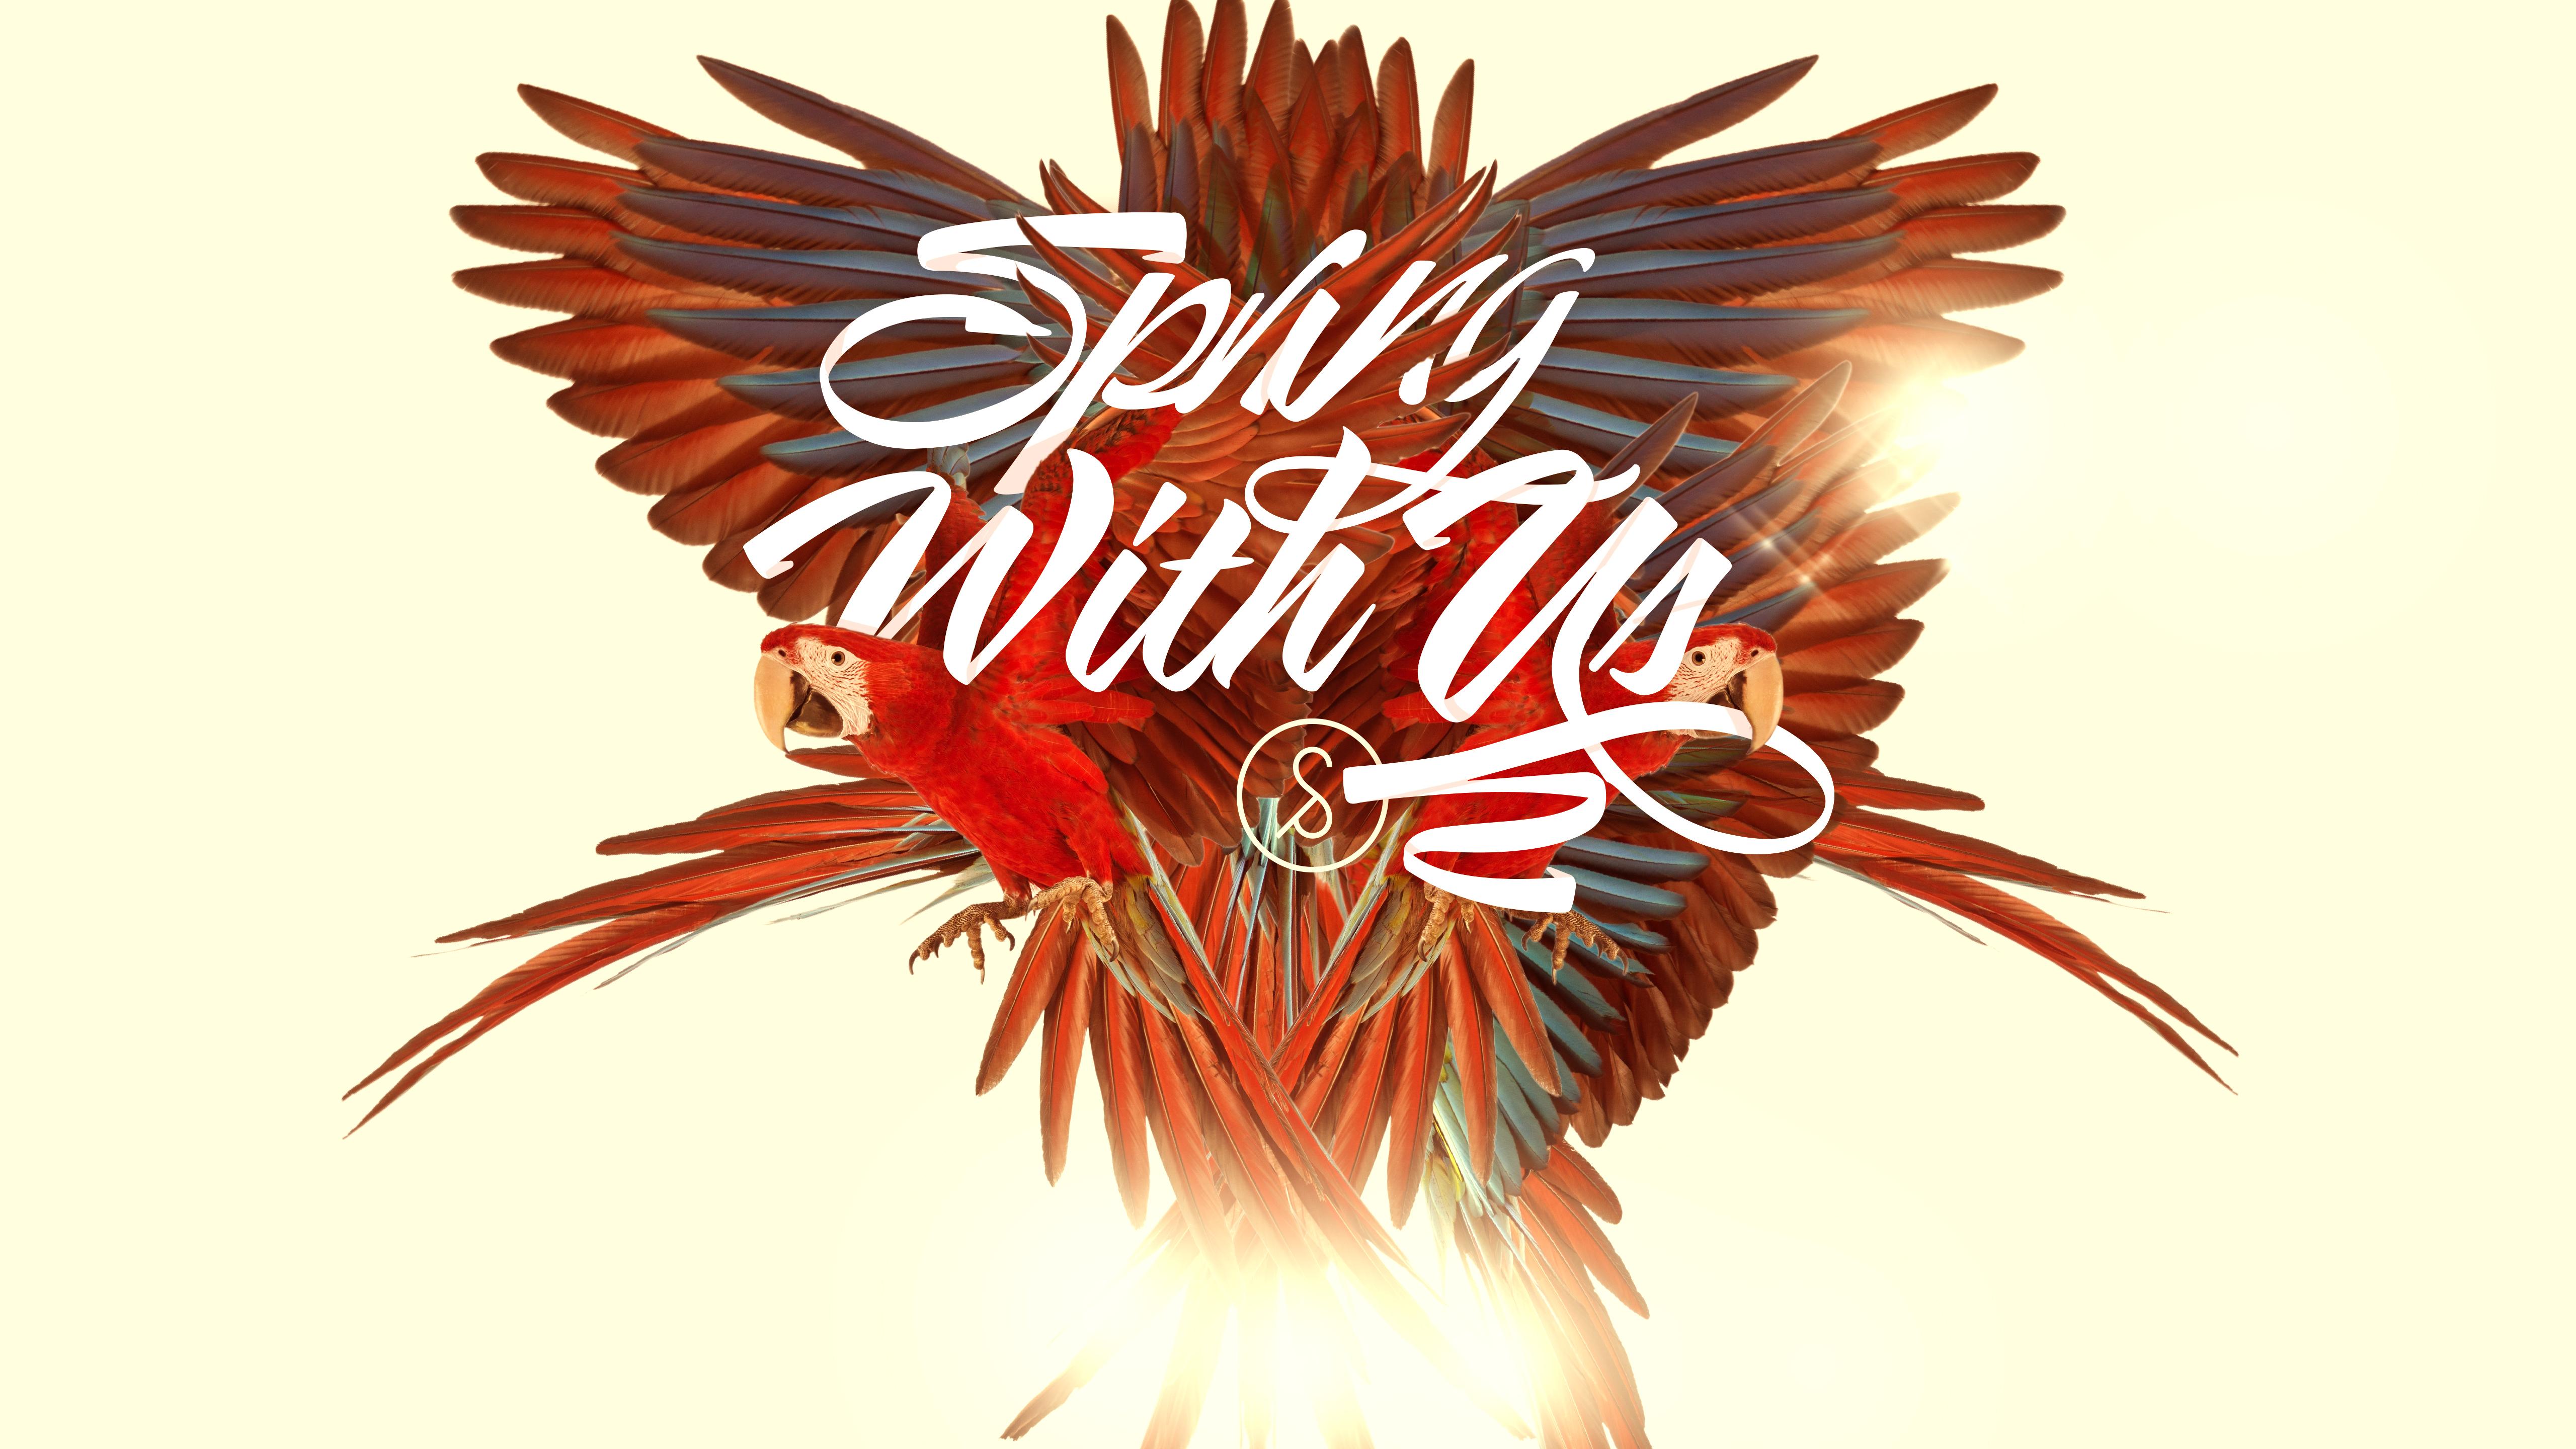 Springwithuswallpaper5k